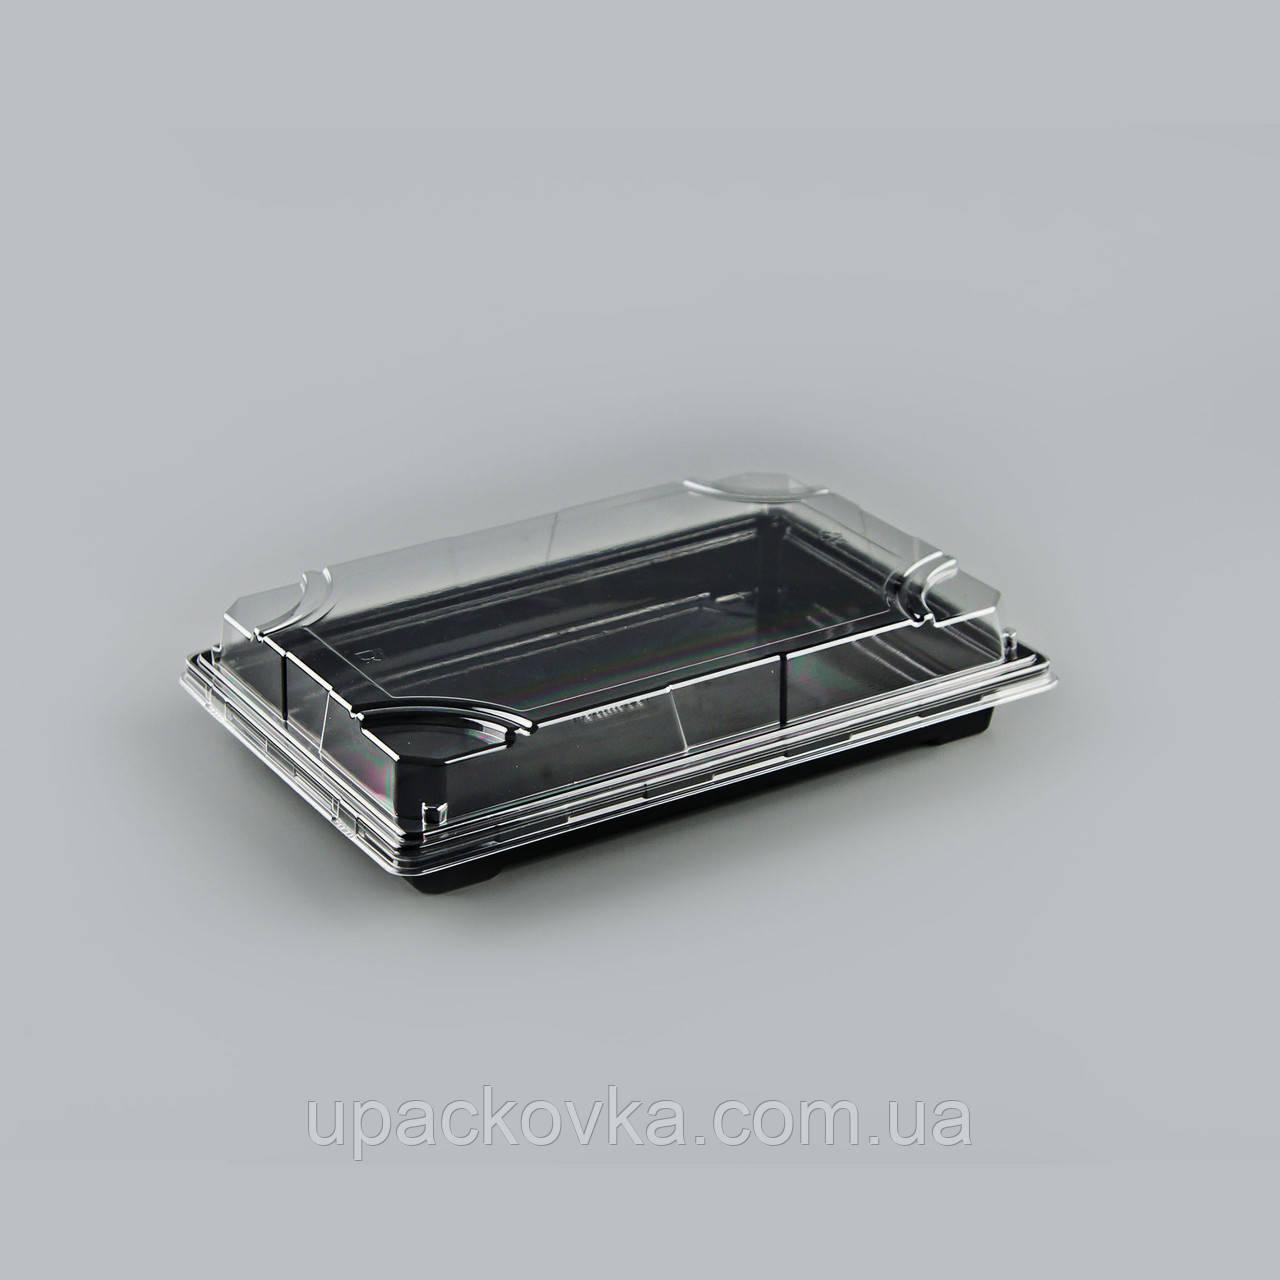 Пластиковая упаковка для суши и роллов УК-703, 356 шт/уп